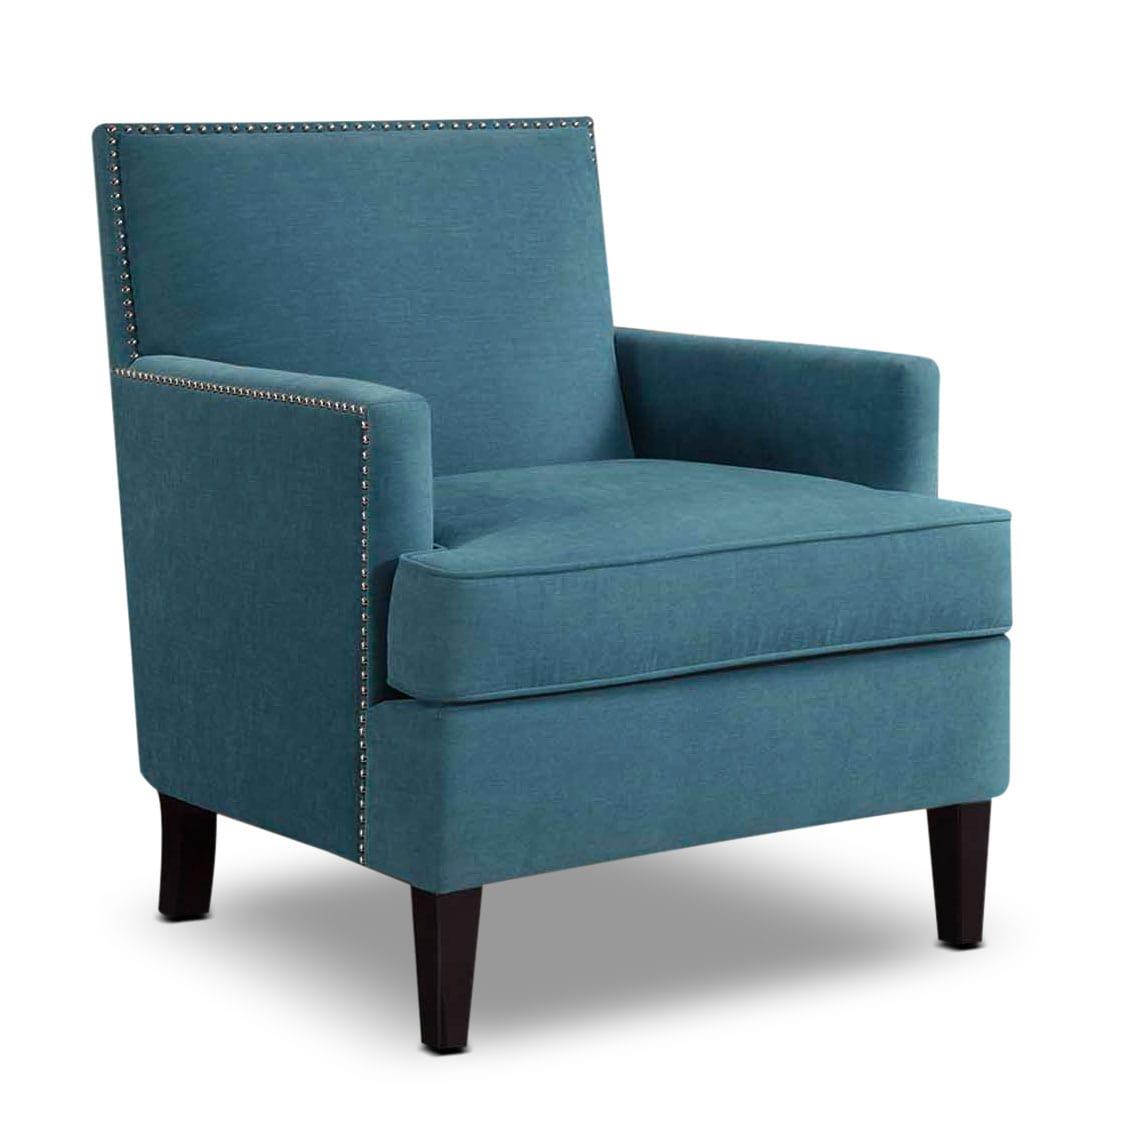 Astrid Accent Chair - Blue